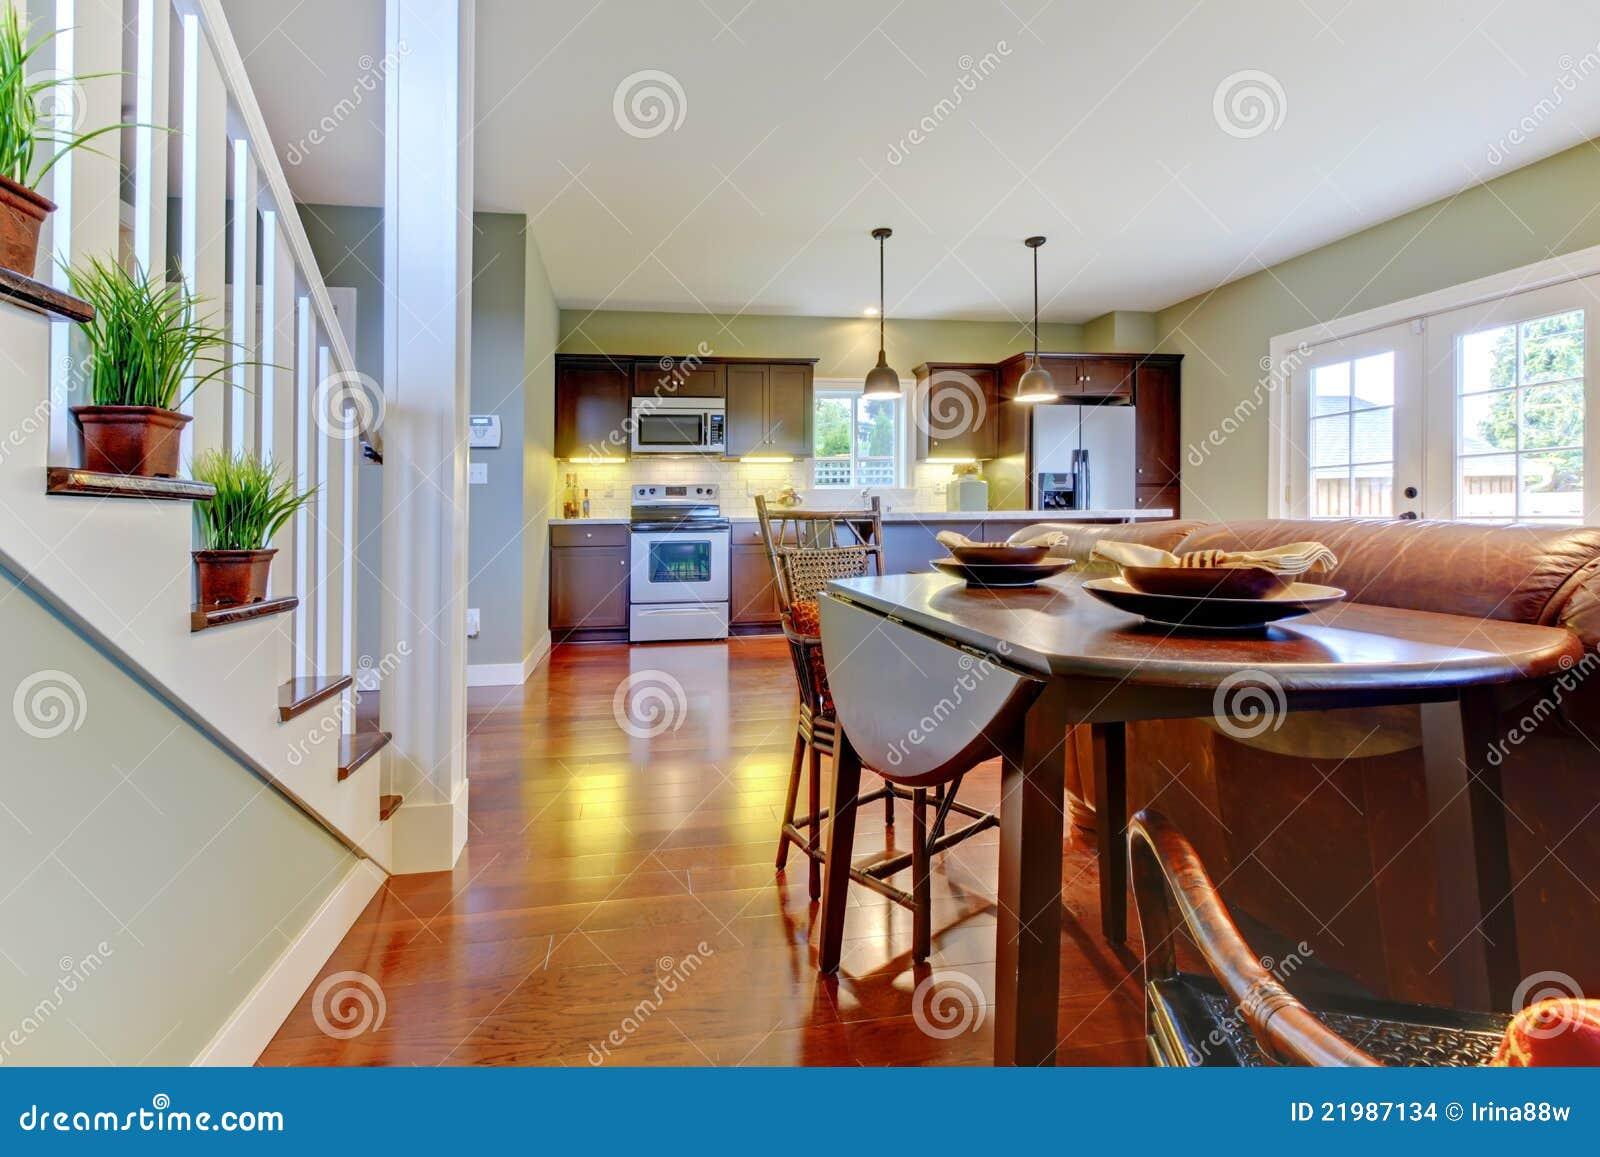 Großer Raum Mit Küche, Esszimmer. Stockfoto - Bild von ...